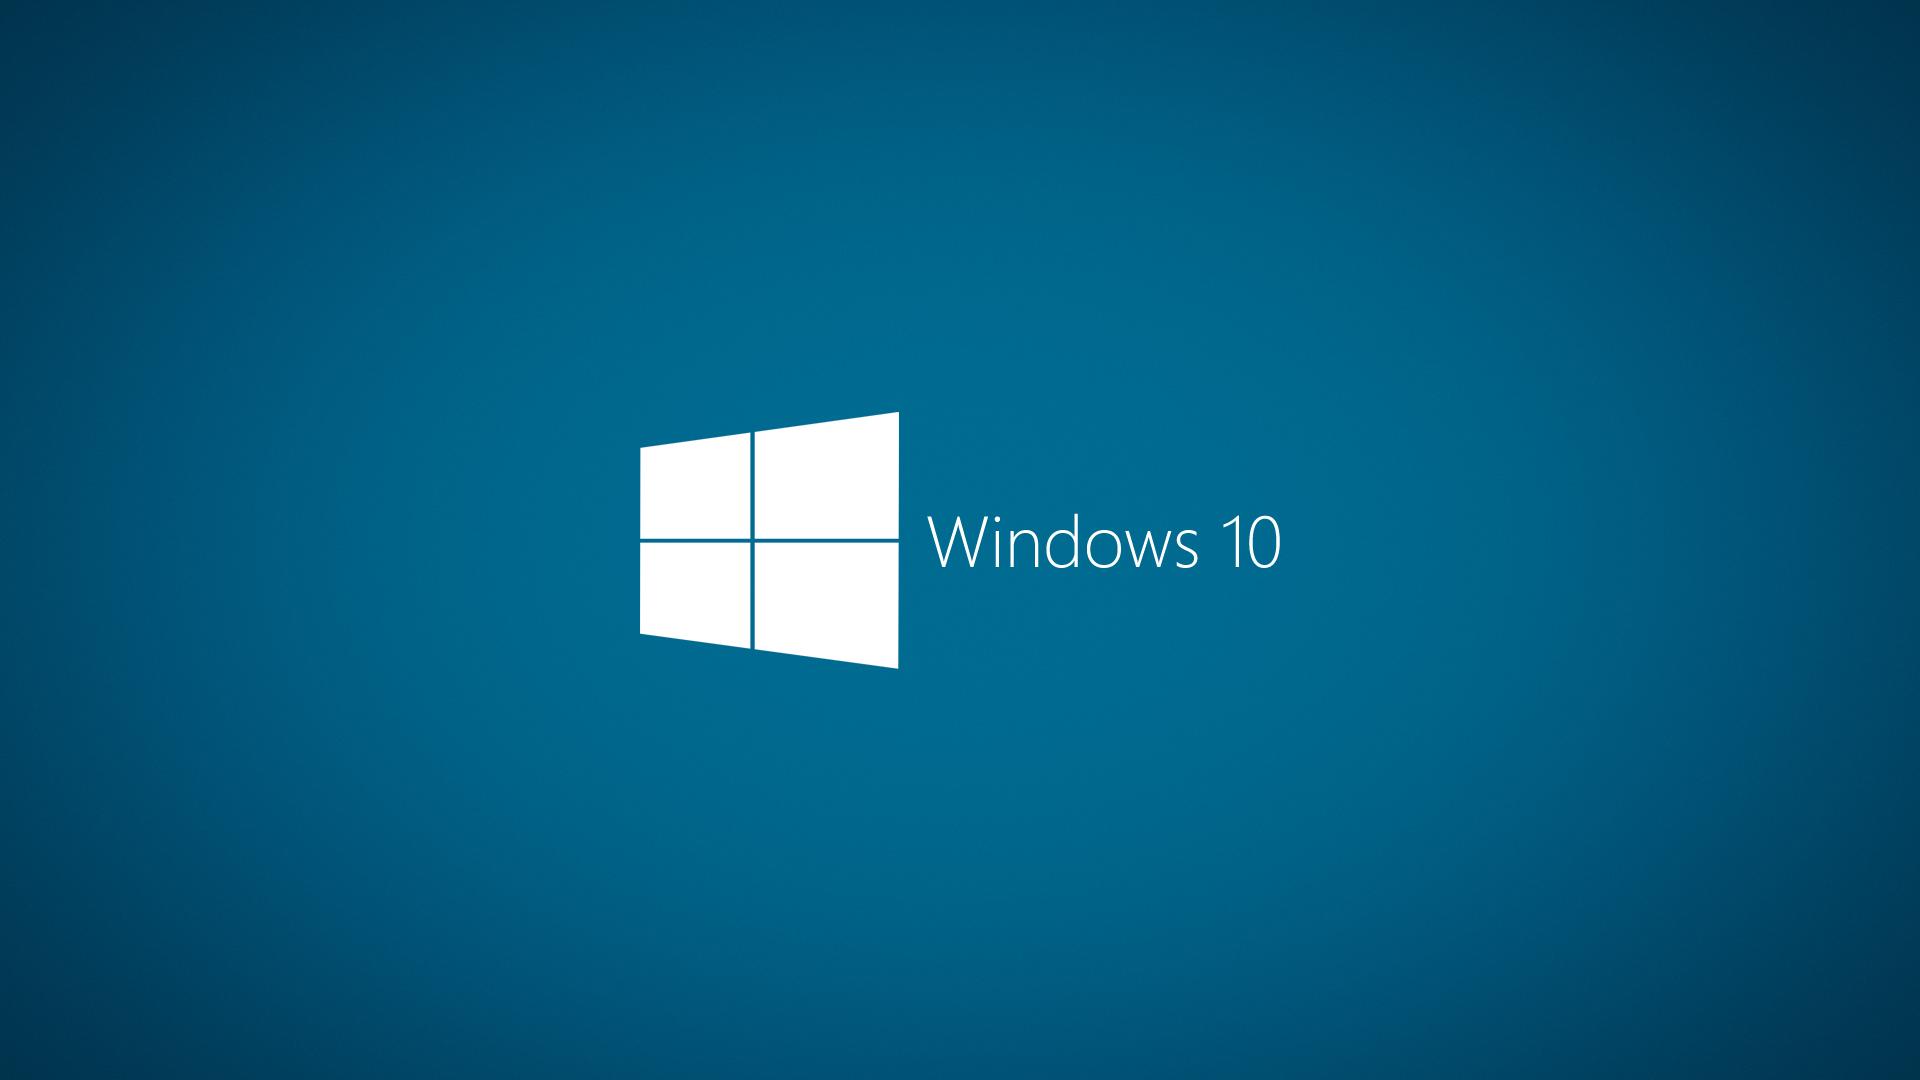 coders windows fan - photo #30